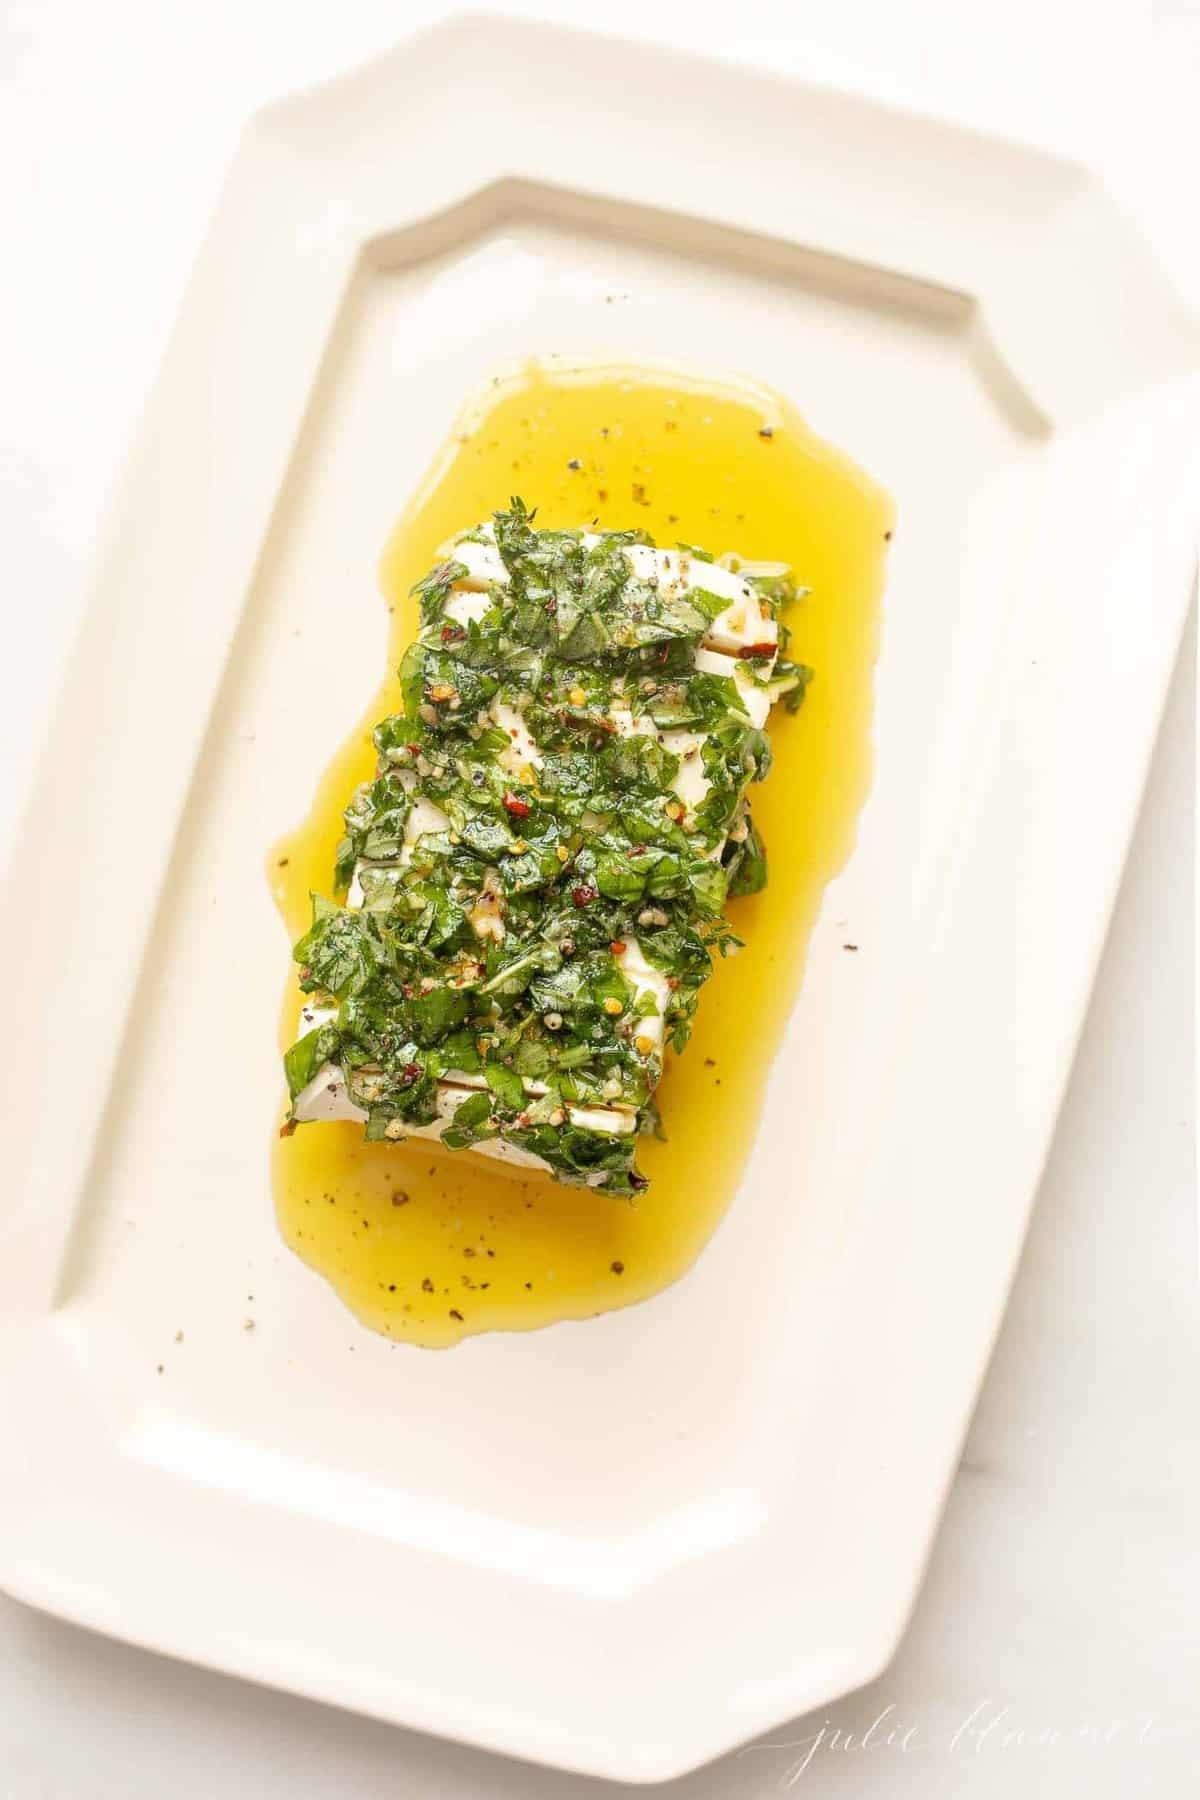 Prato branco com aperitivo de cream cheese, marinado em ervas e azeite.